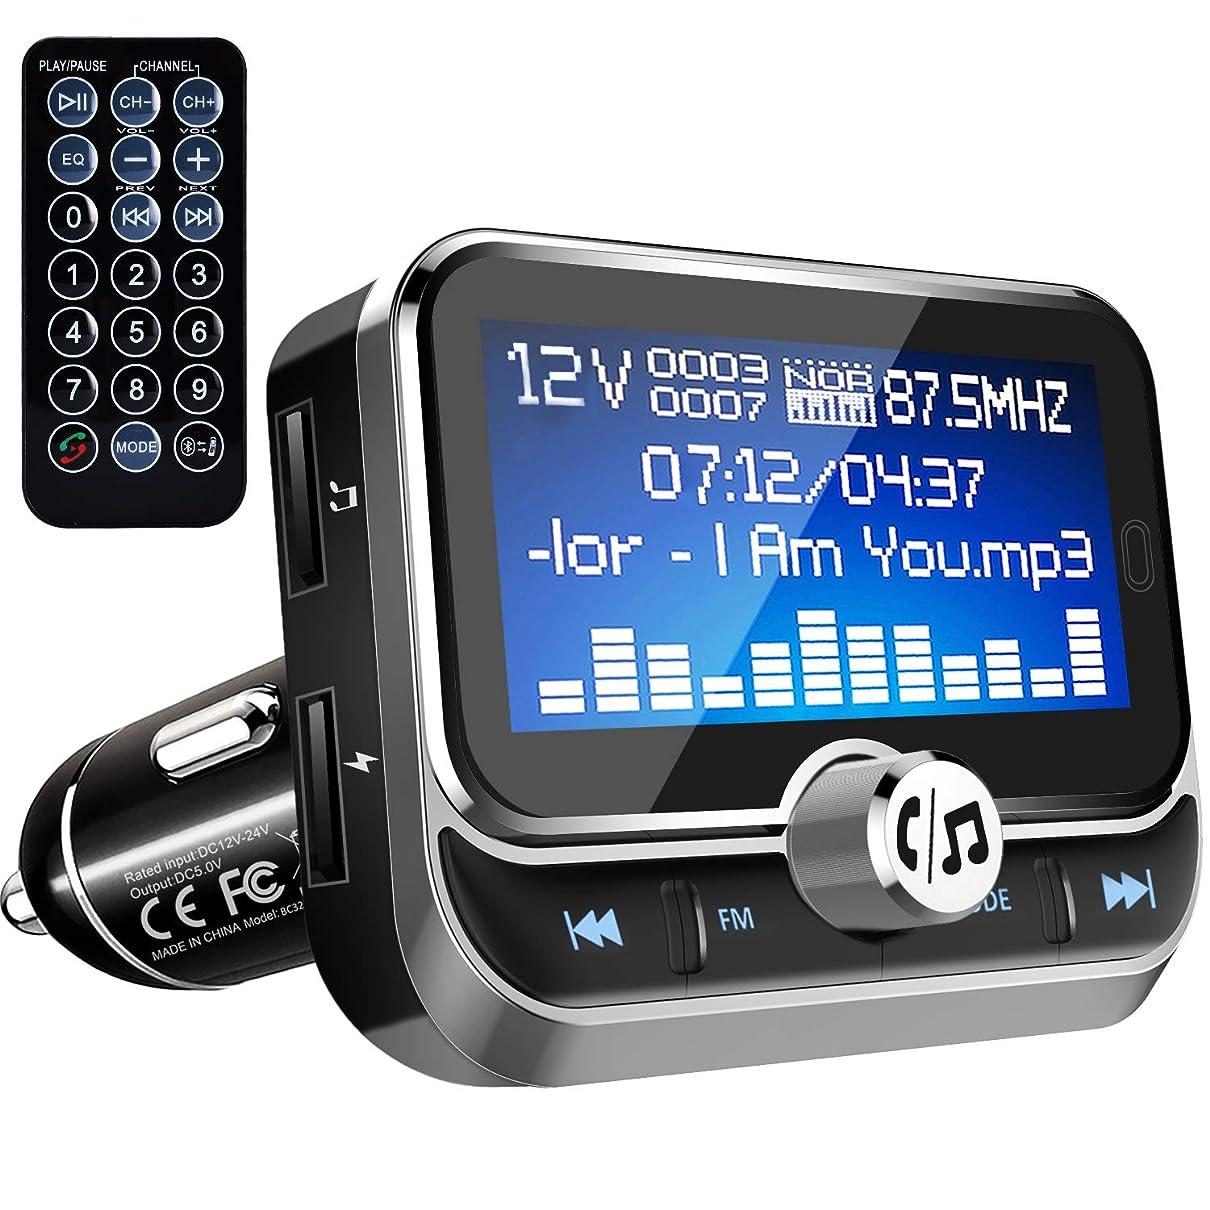 悩み学部信者TinMiu FMトランスミッター Bluetooth 高音質 カーチャージャー 車載 急速充電 2USBポート 日本語対応 ノイズ軽減機能 日本周波数76-90MHz対応 1.8インチ超大液晶スクリーン搭載 Siri&Google Assistant対応 ハンズフリー通話 4つ楽曲モード リモコン付き 操作簡単【12V/24V車種対応/FM周波数調整可能/1年保証付】 (銀)